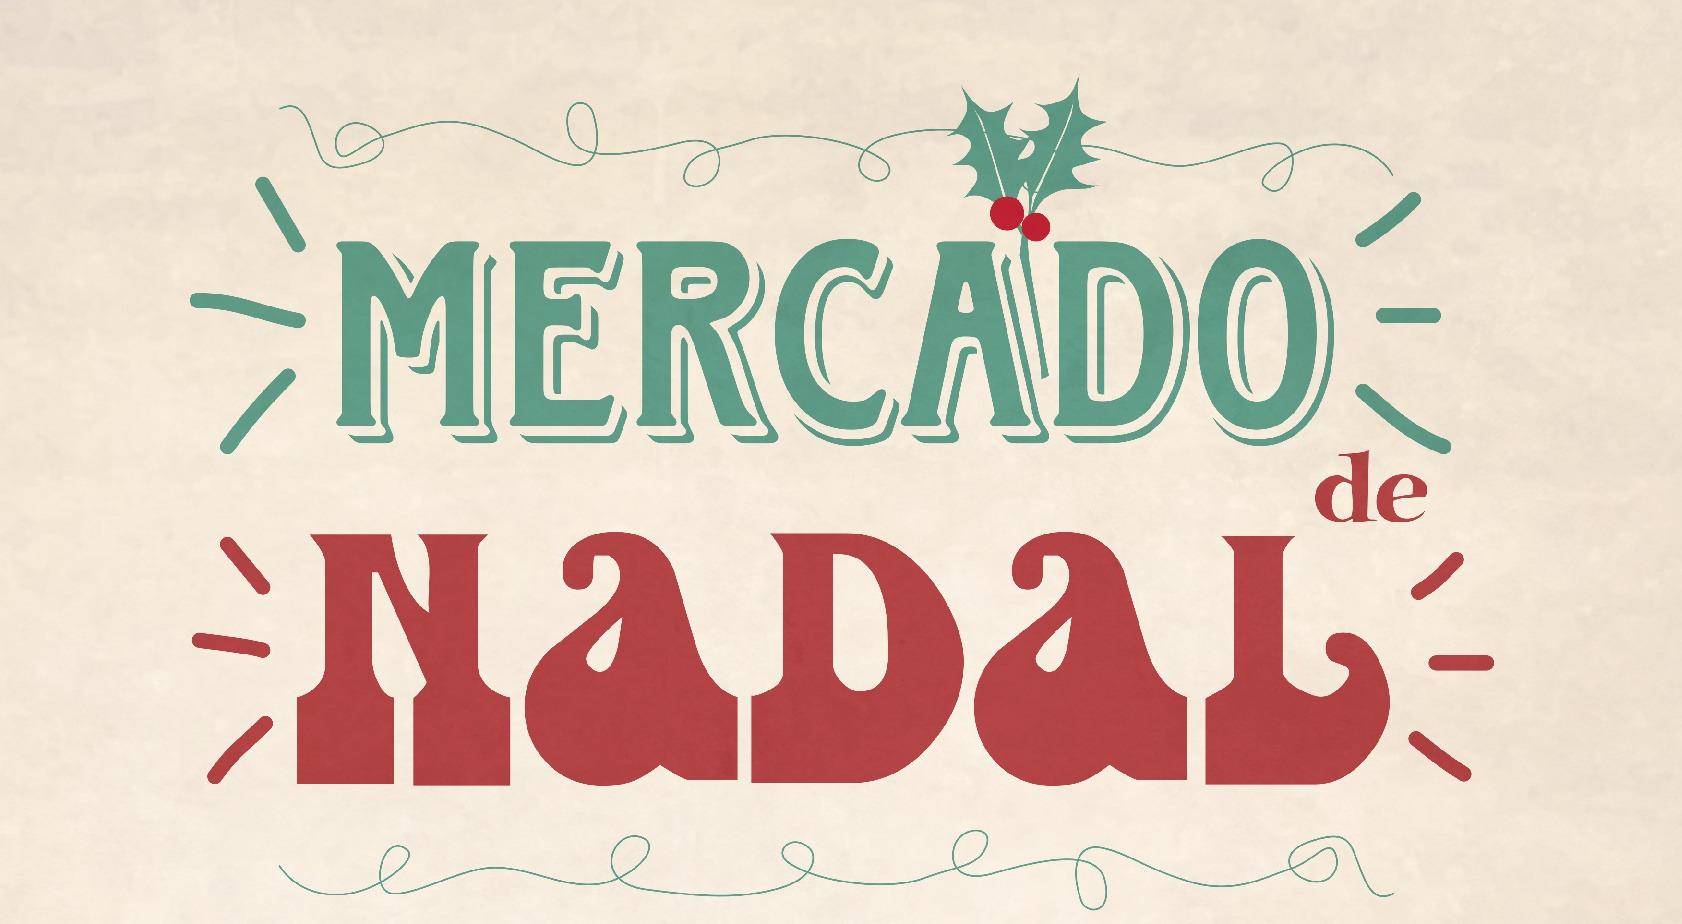 Arranca este sábado o Mercado de Nadal, que contará con 79 expositores